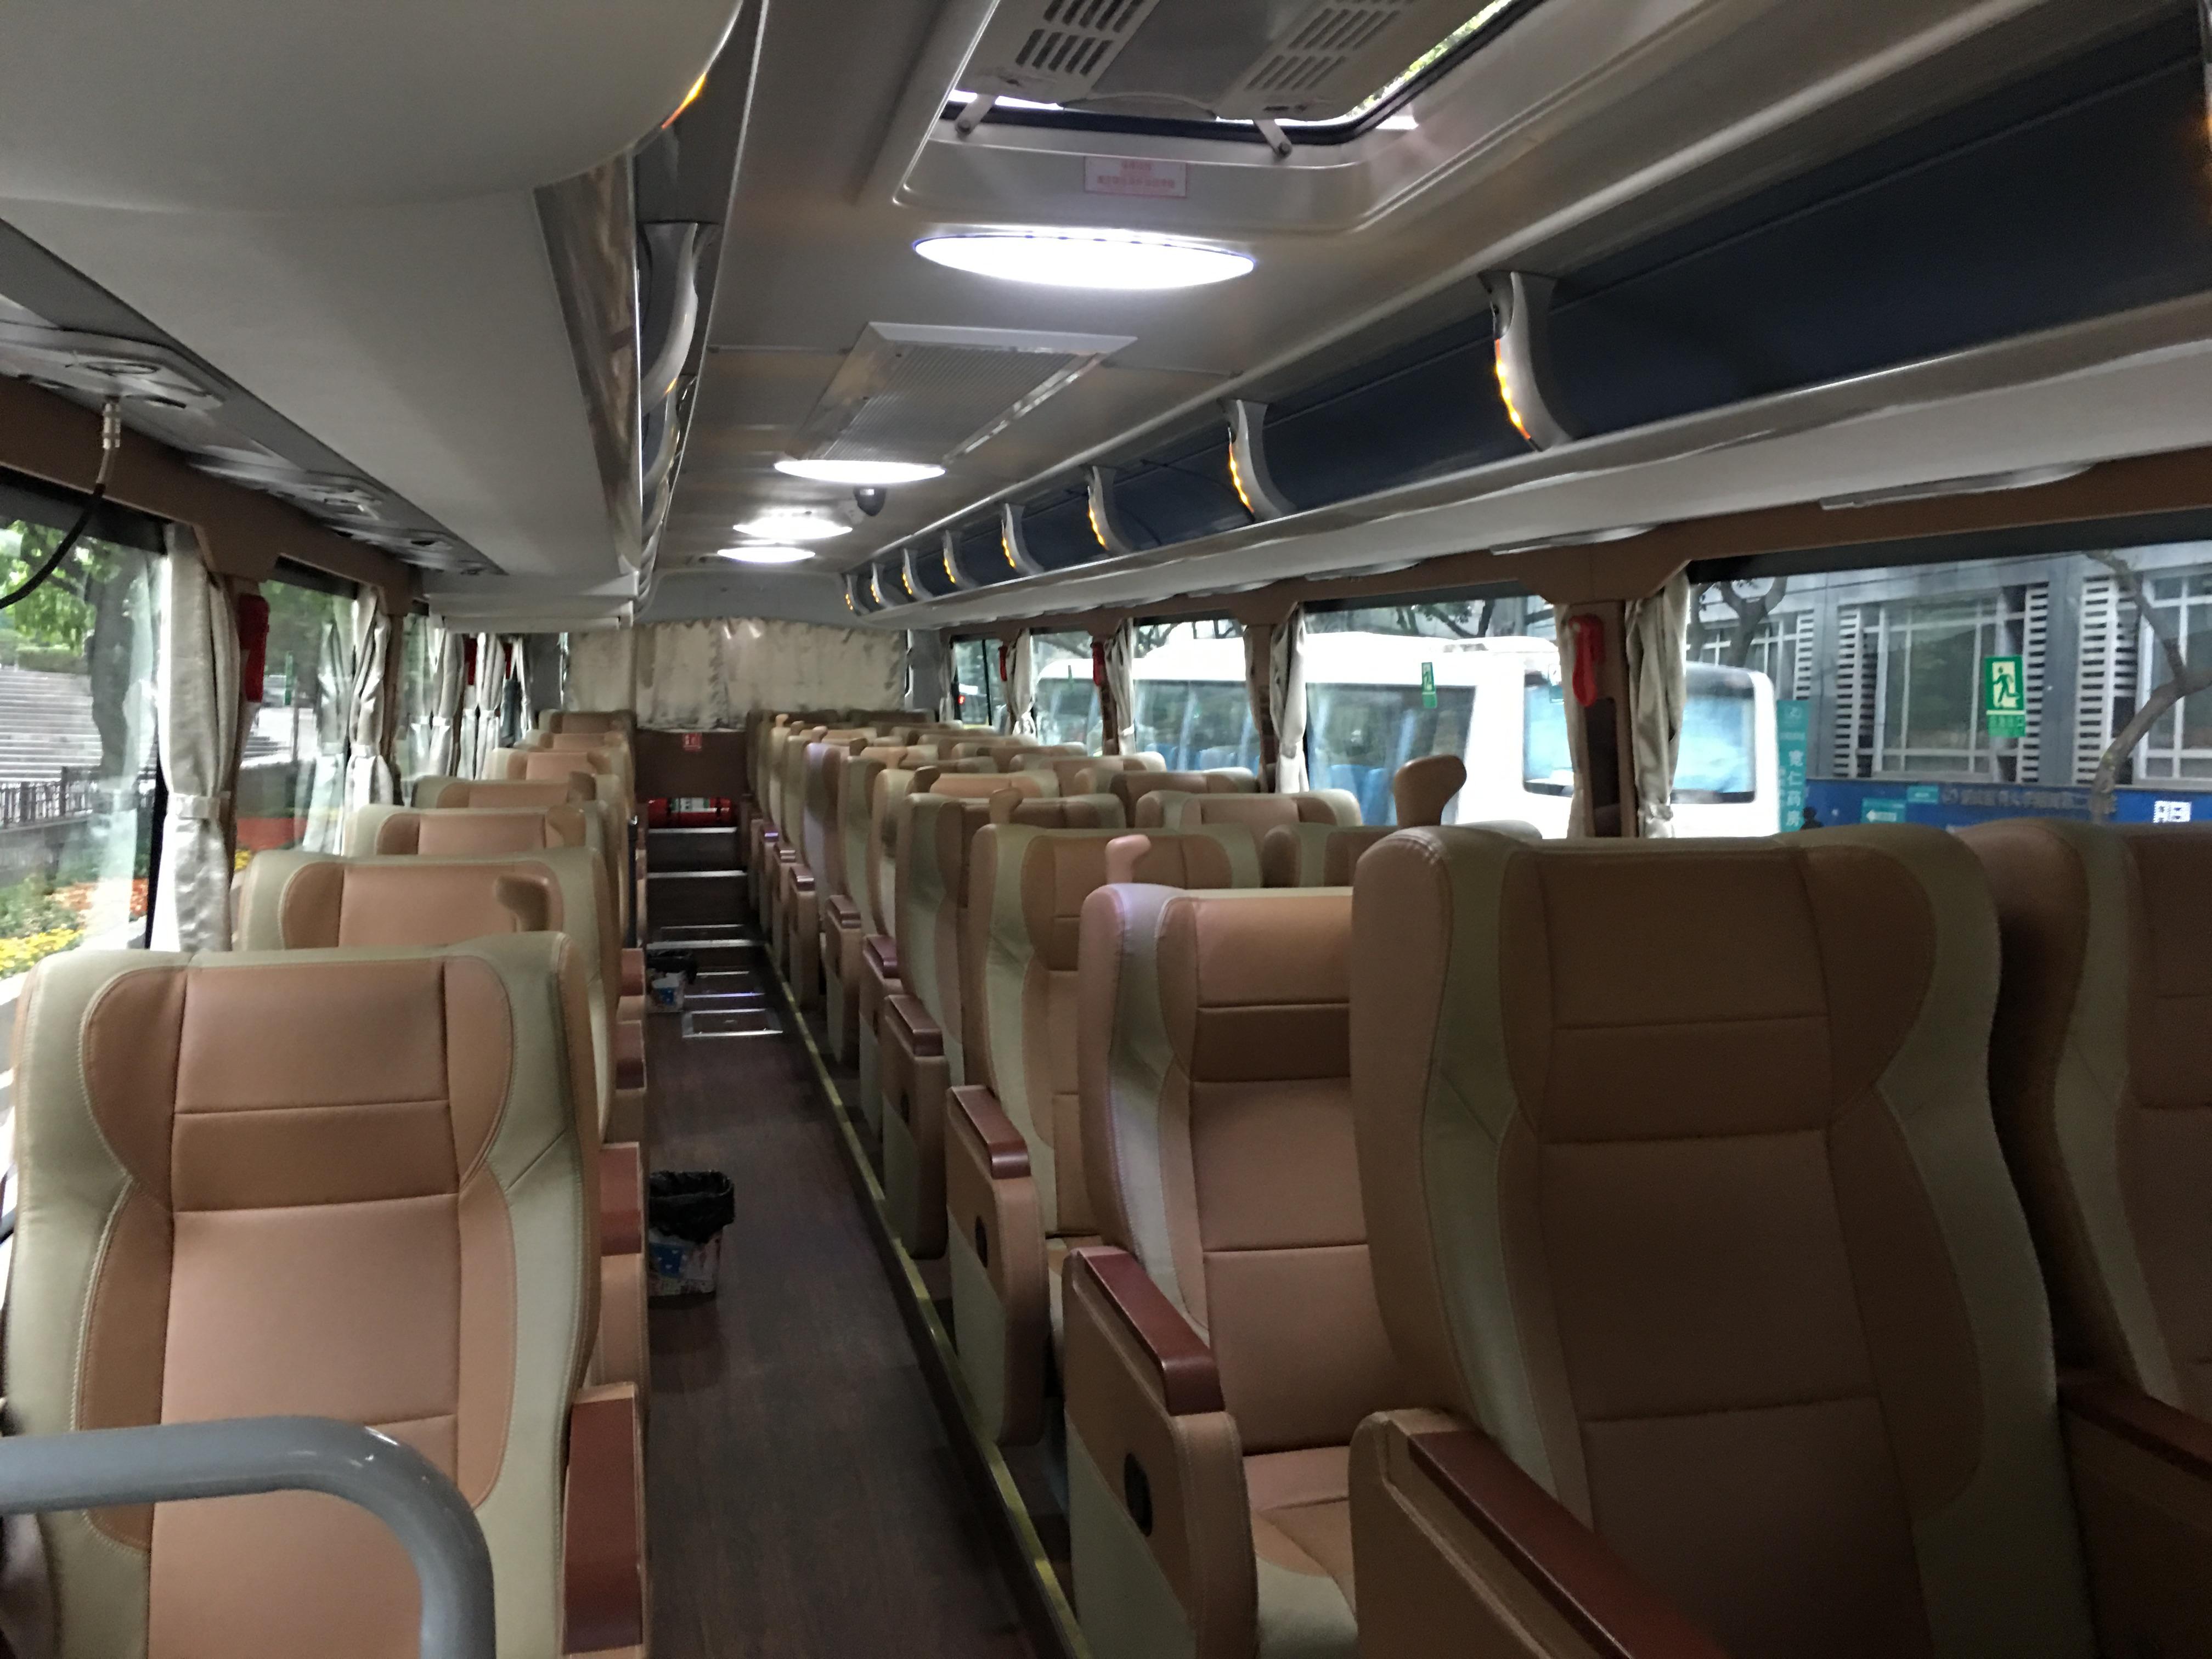 ツアーバスの座席